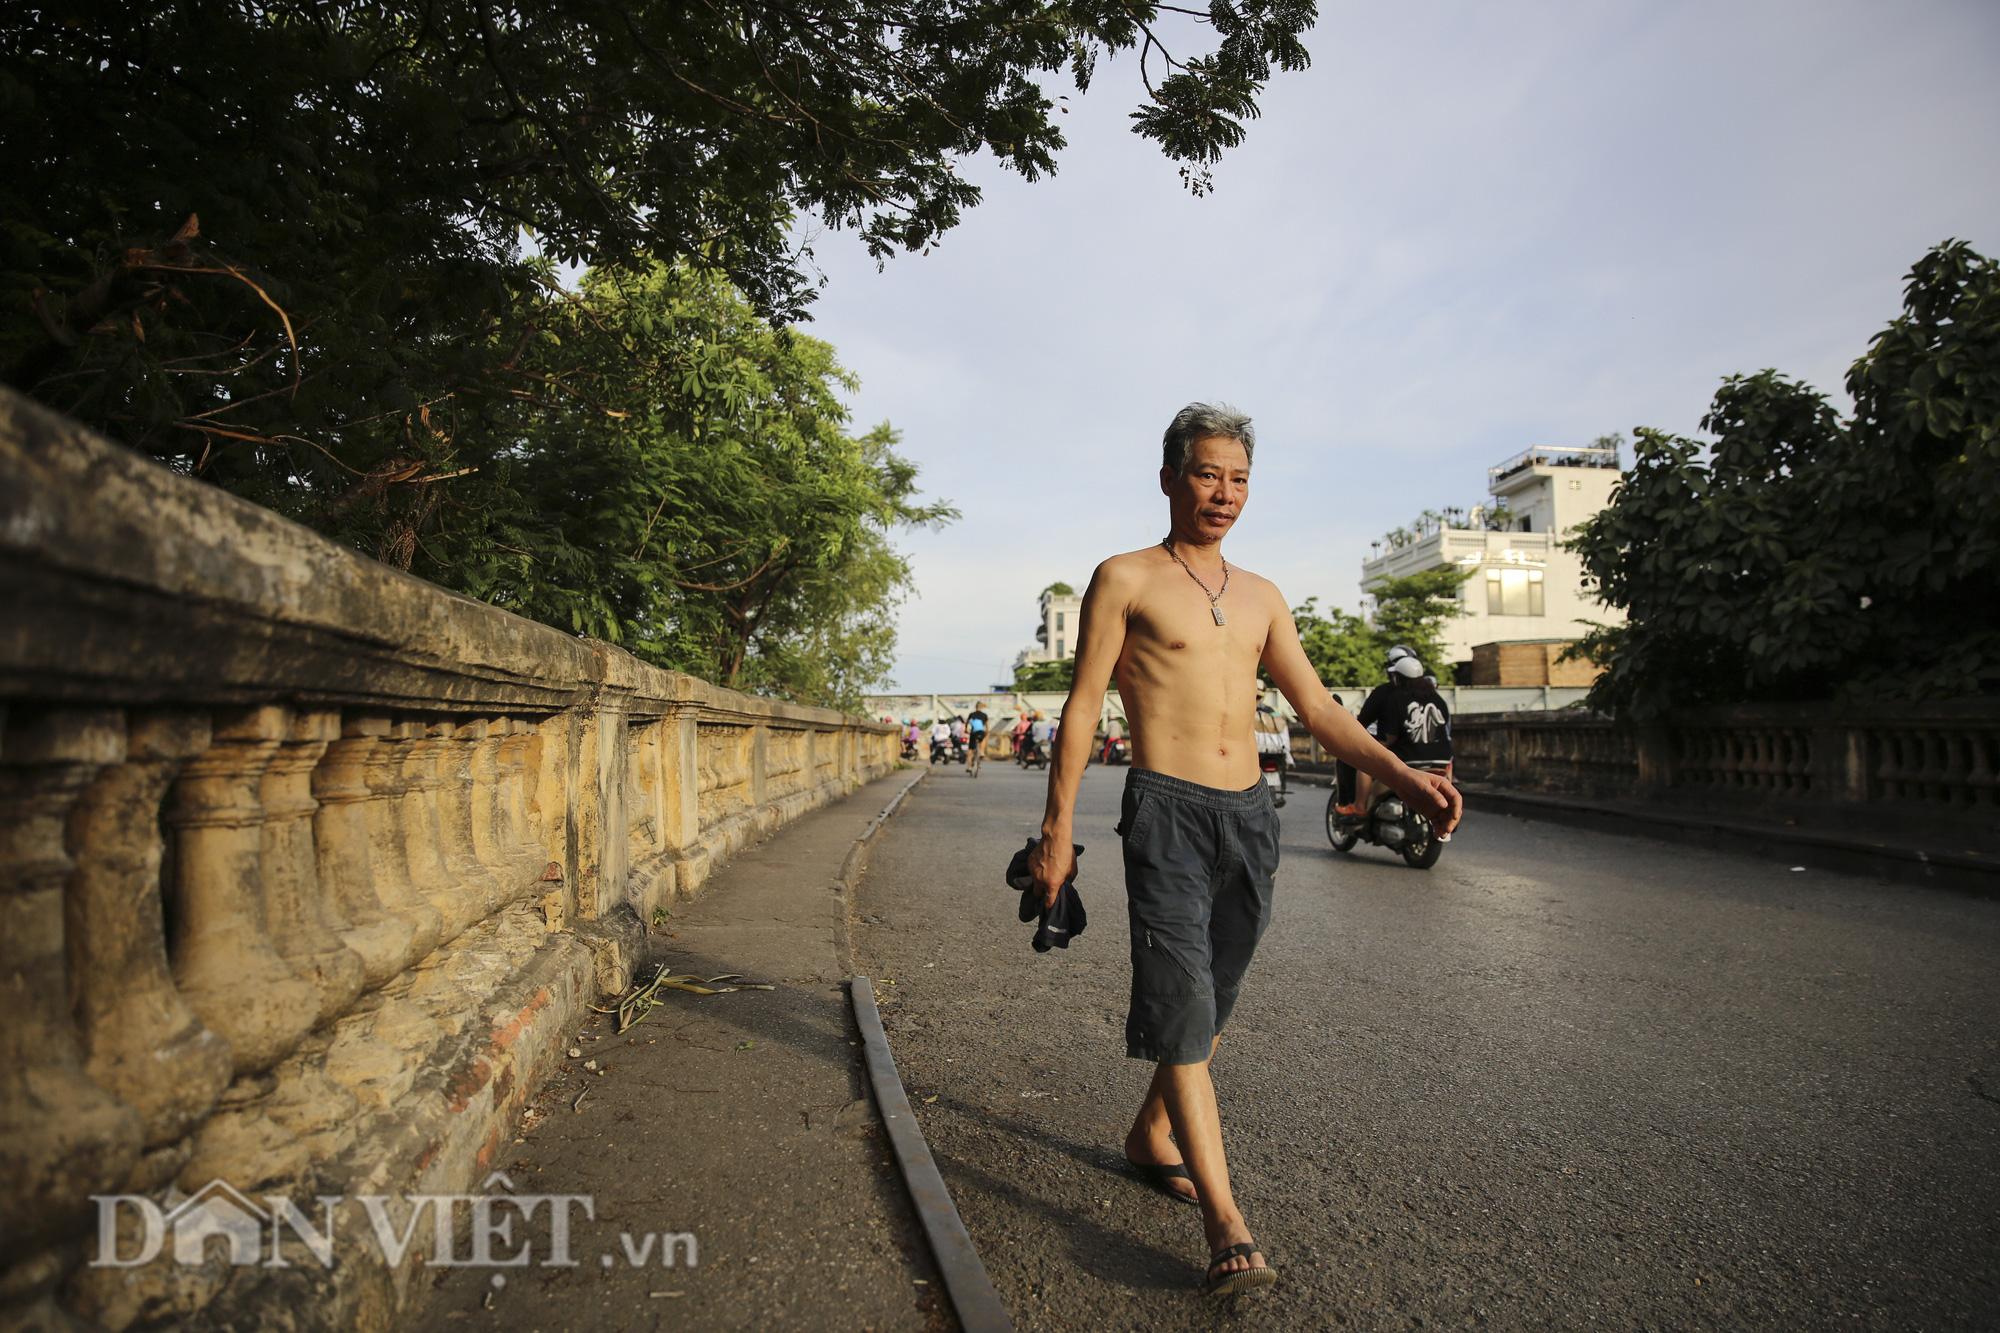 Mặc biển cấm, người dân vẫn vô tư đi bộ trên cầu Long Biên - Ảnh 11.